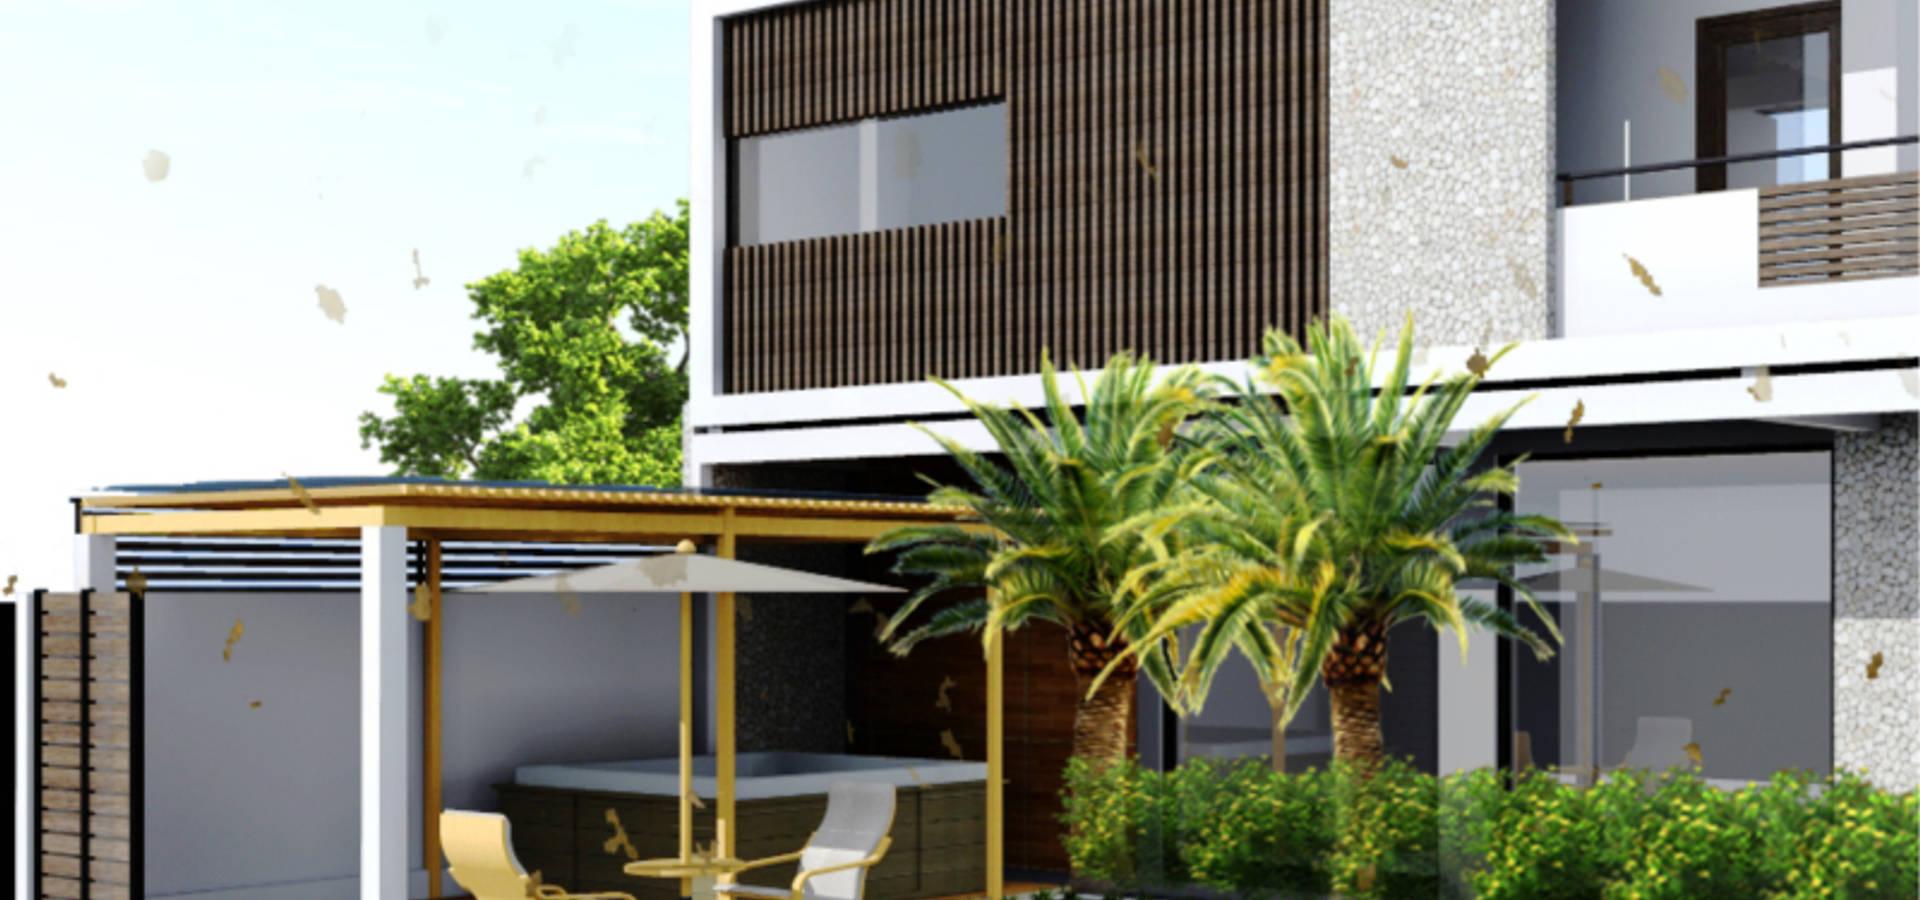 DESIGNEER ARCHITECT INDONESIA